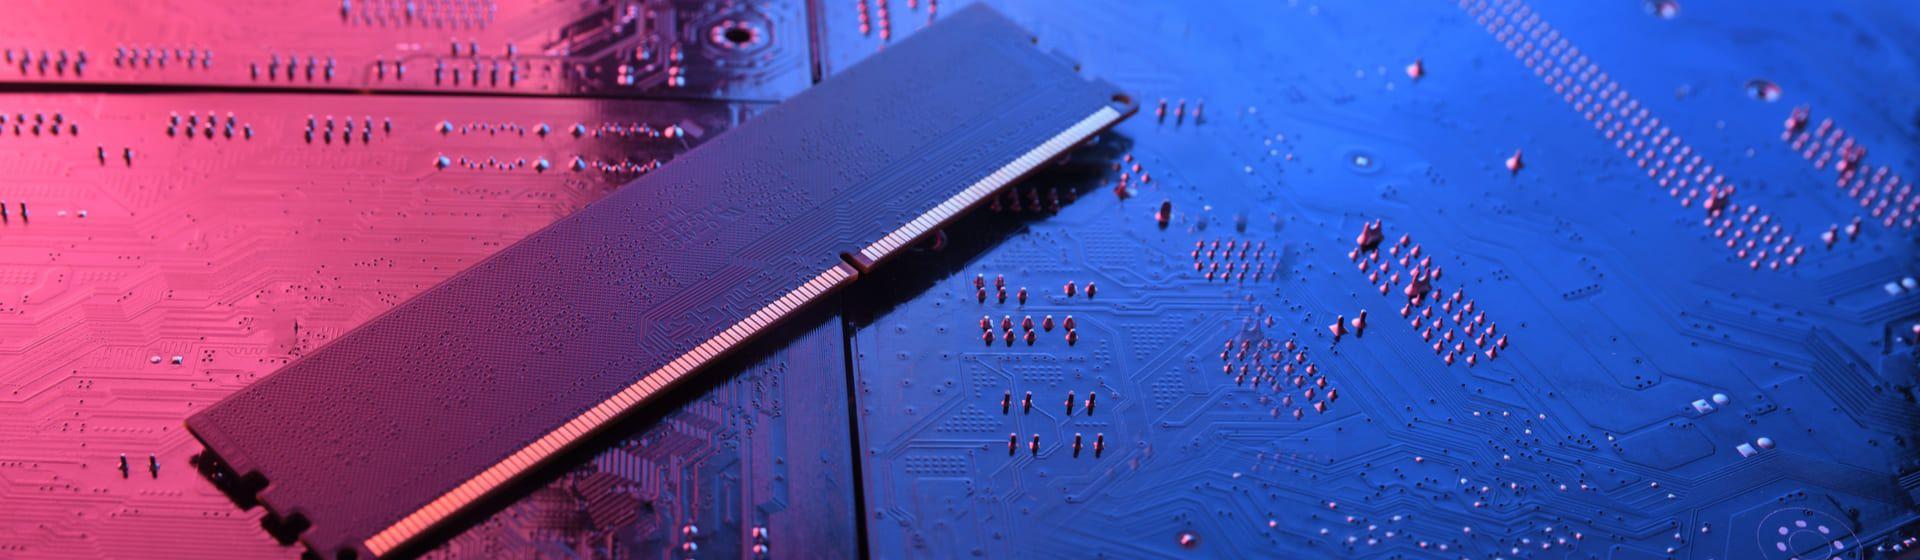 Teste de memória RAM: como avaliar o desempenho da peça